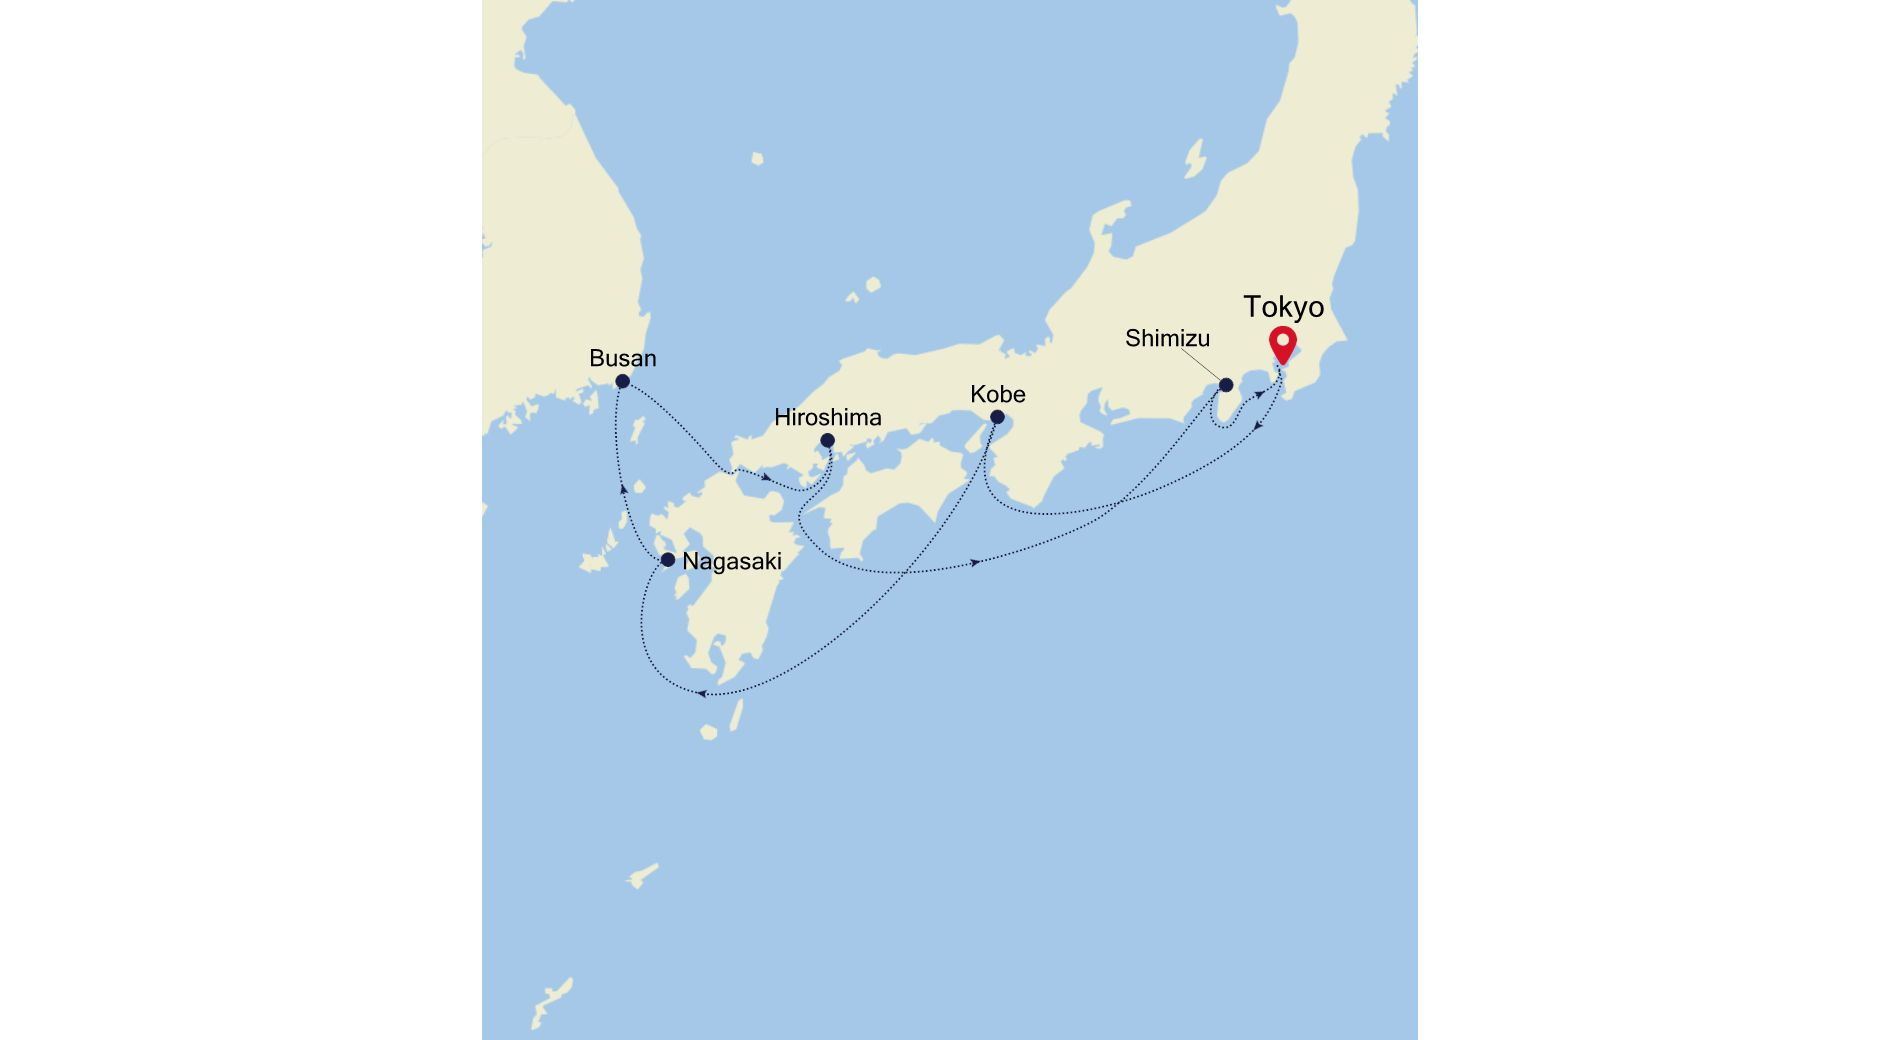 SM210925010 - Tokyo nach Tokyo